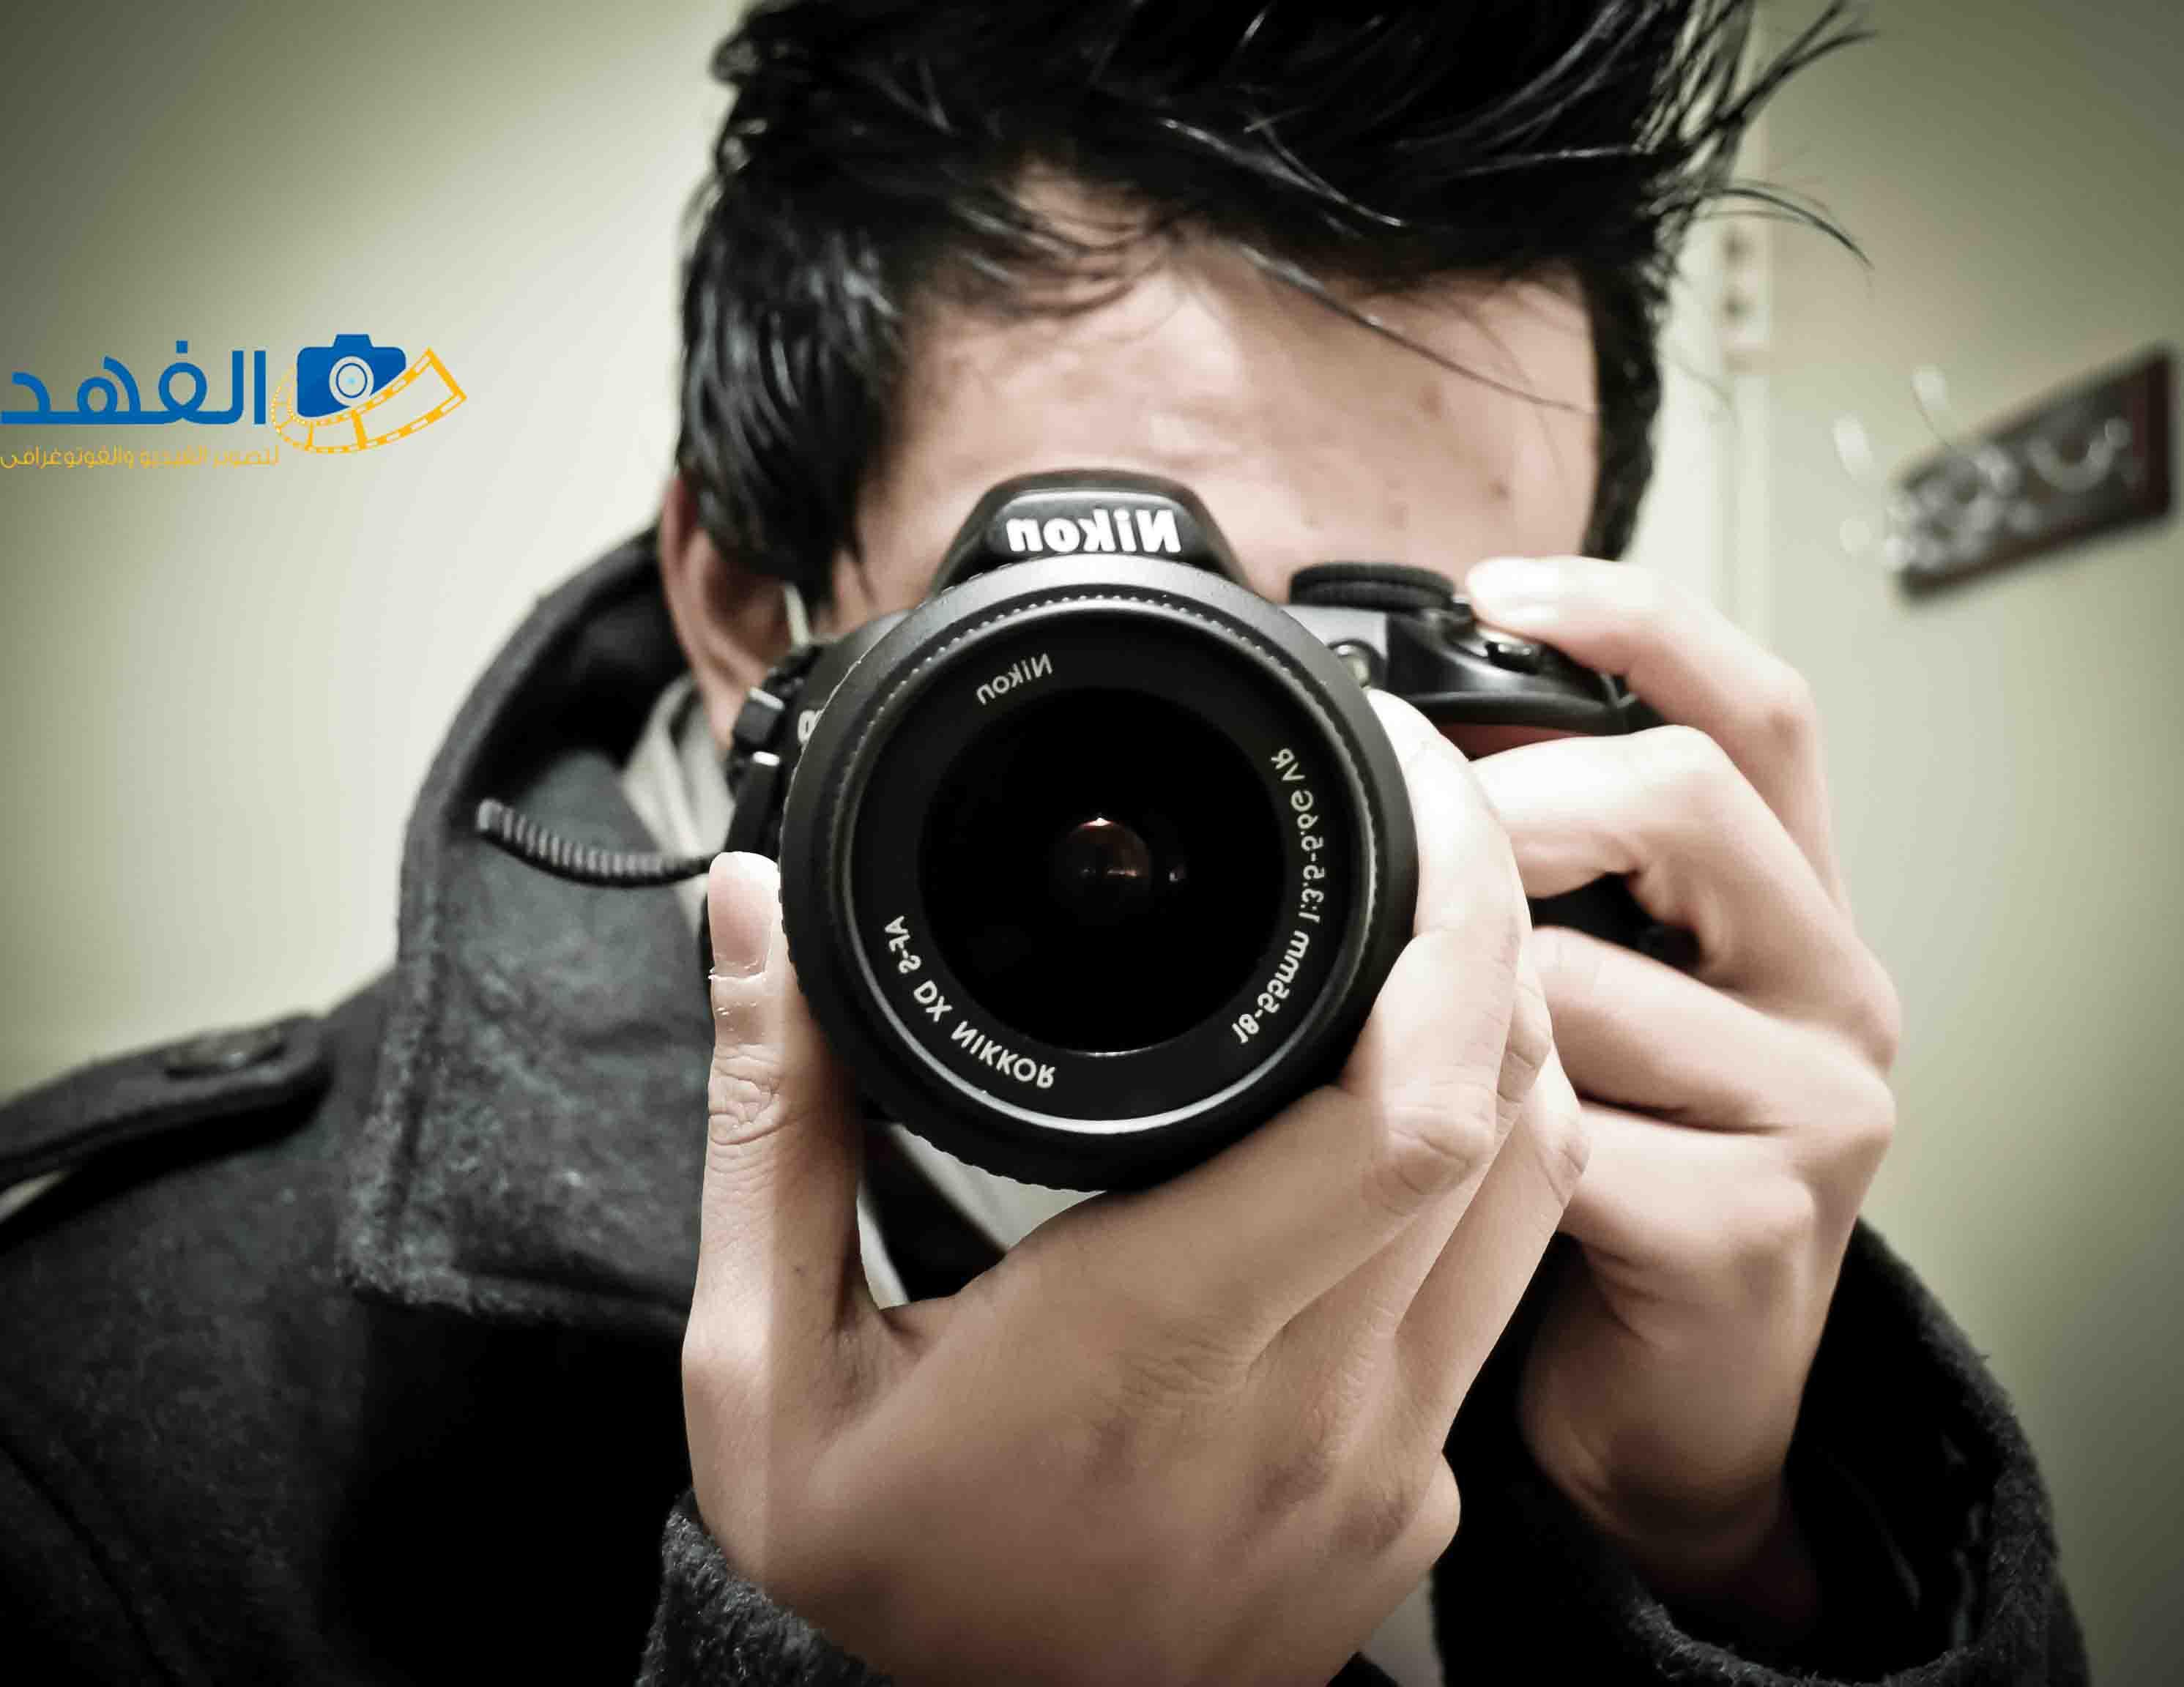 تصوير احترافي